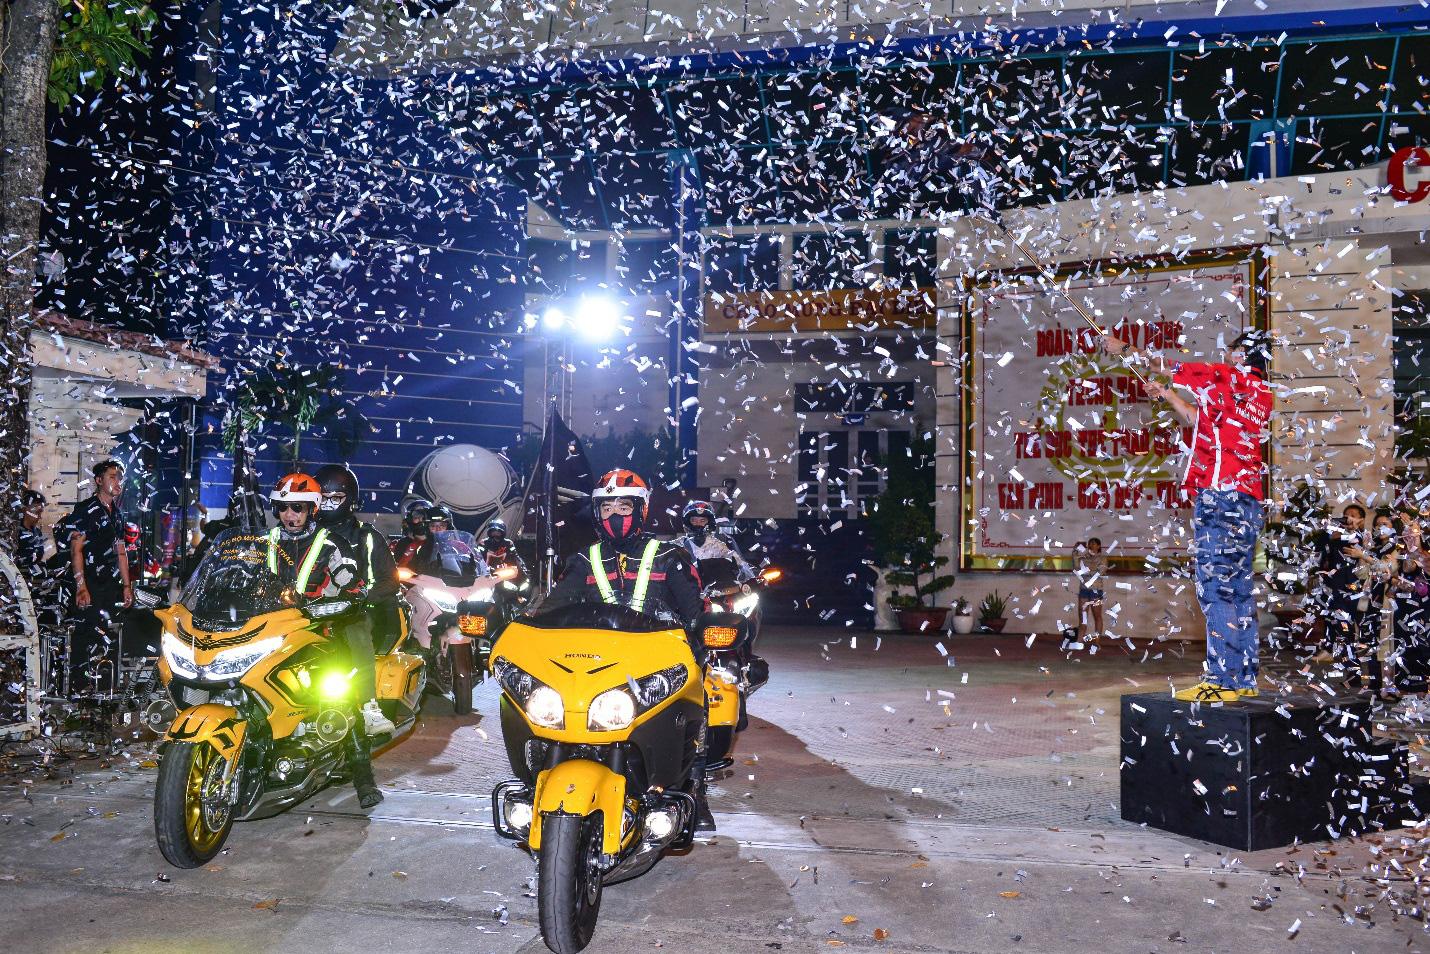 Biker Honda kết thúc hành trình chinh phục cực Nam đầy cảm xúc - Ảnh 3.